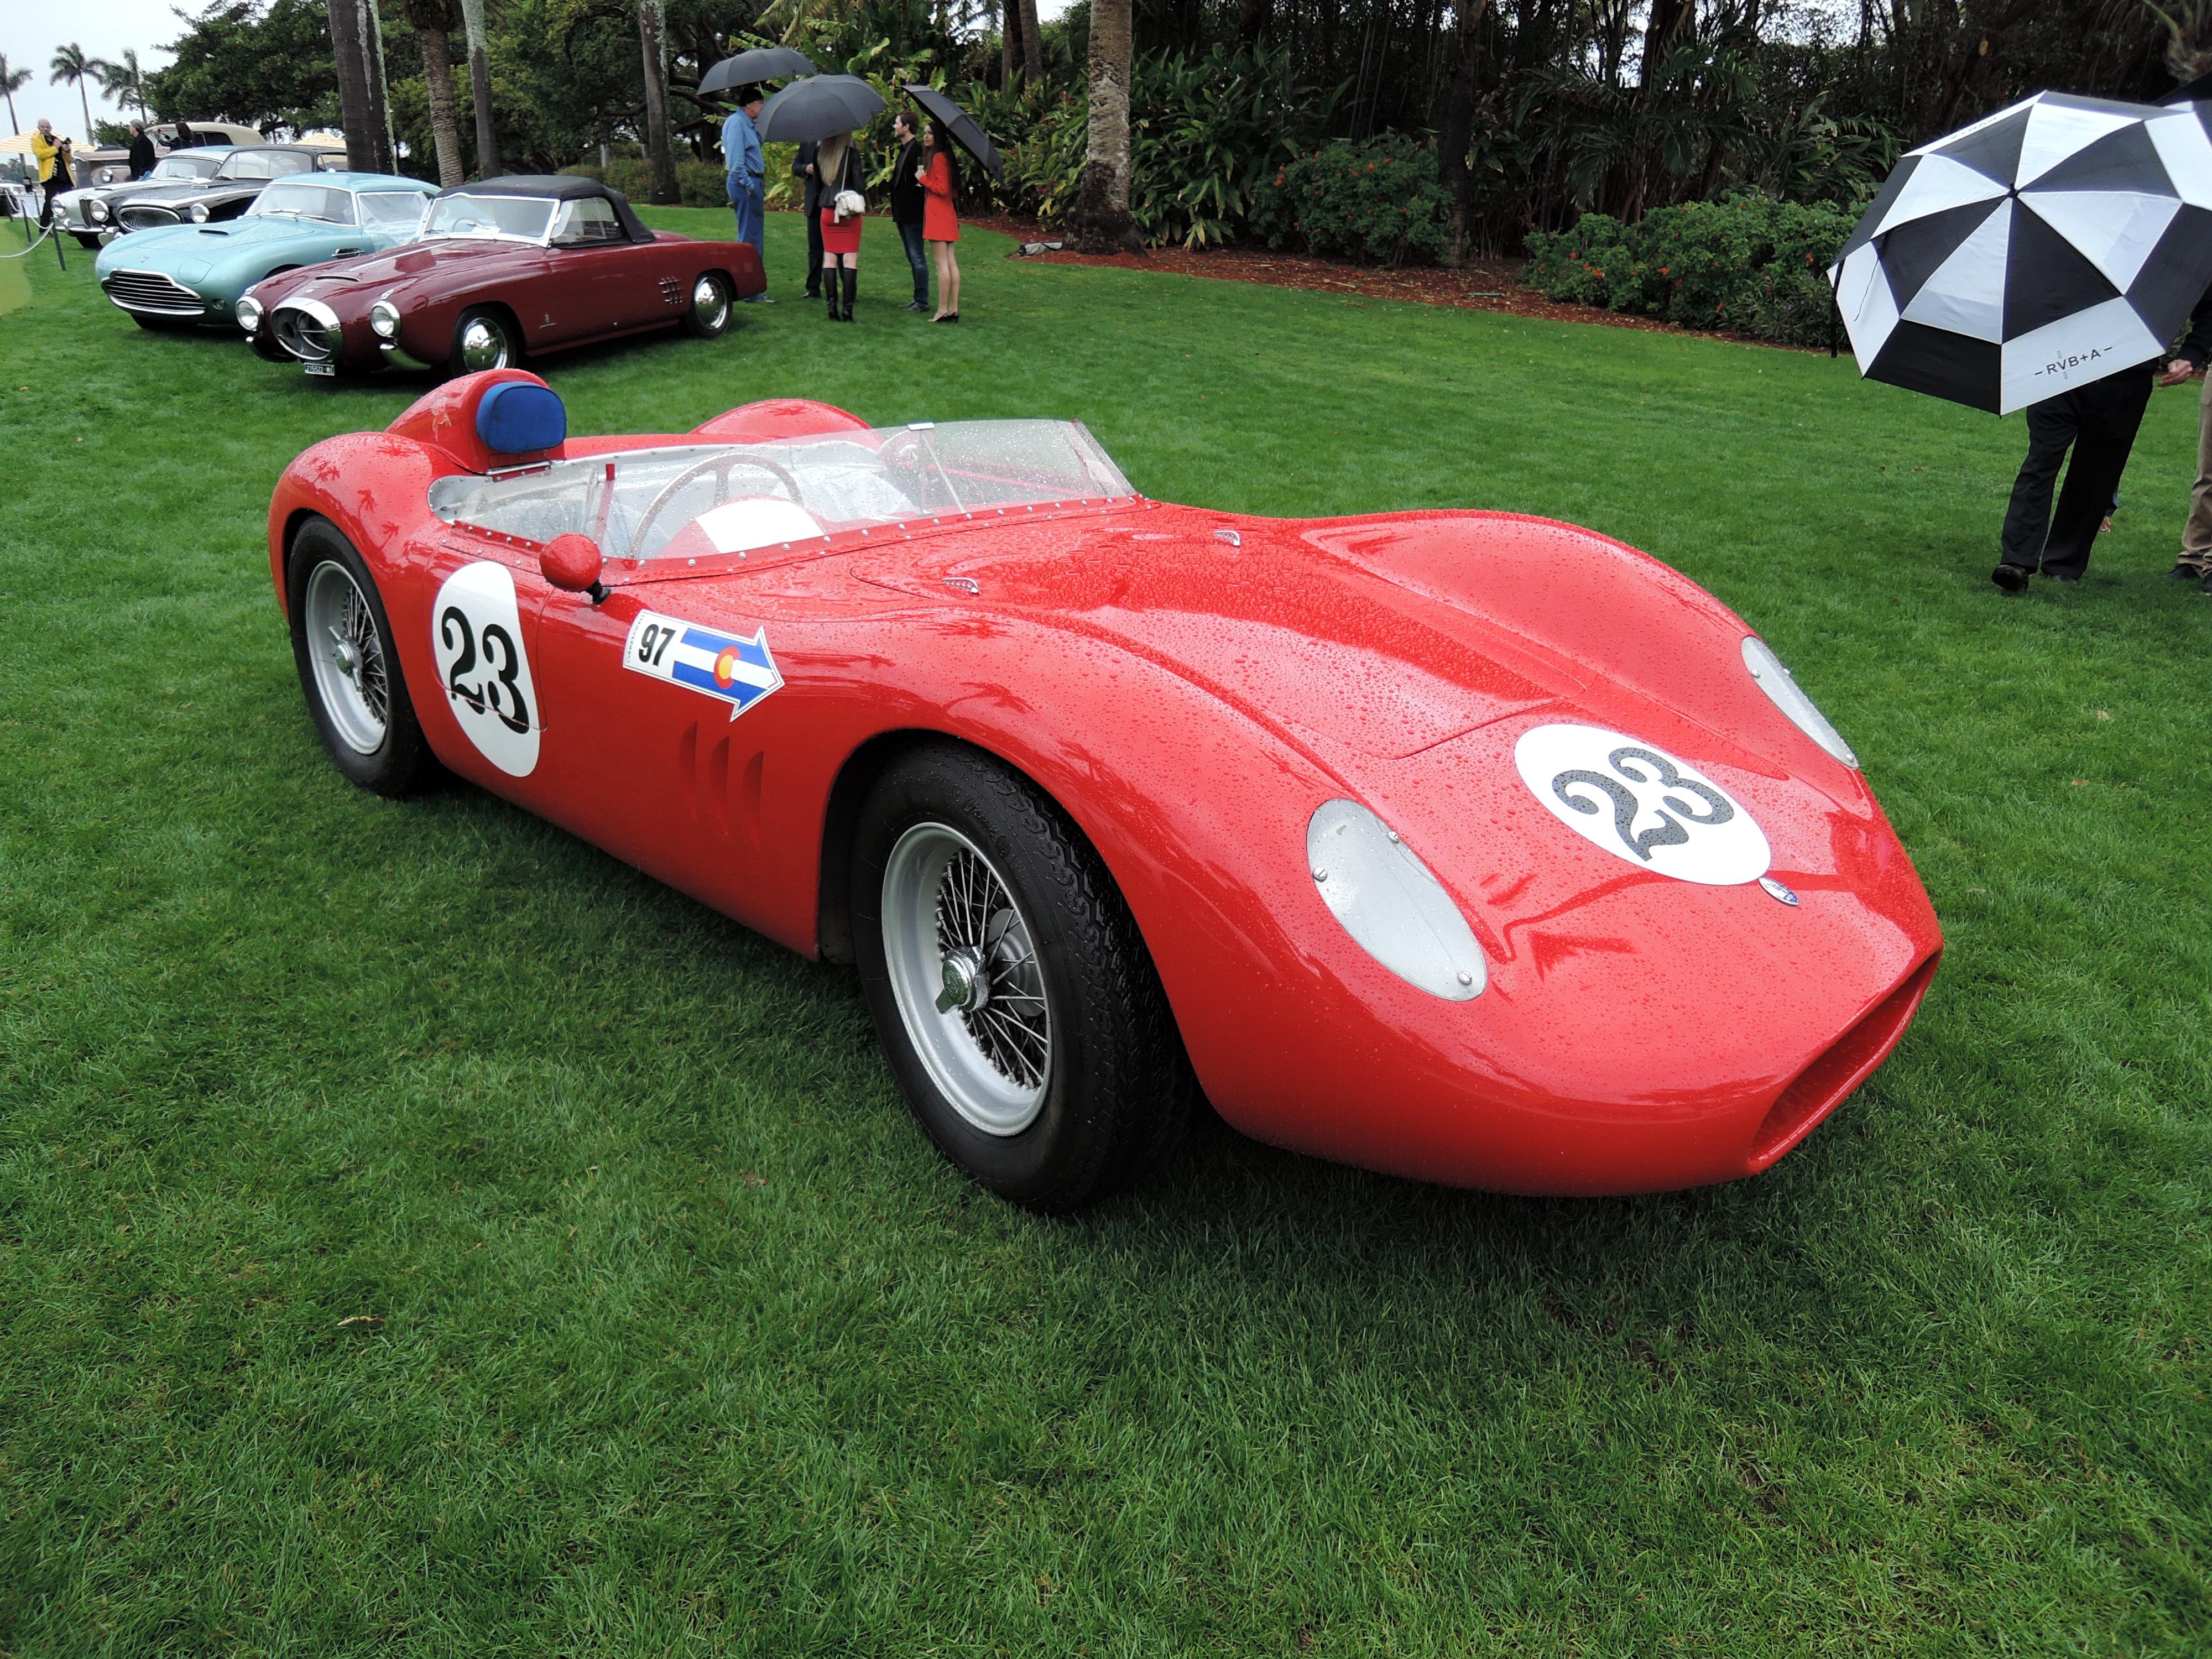 red 1957 Maserati 200 SI; Sn 2423 - MaraLago